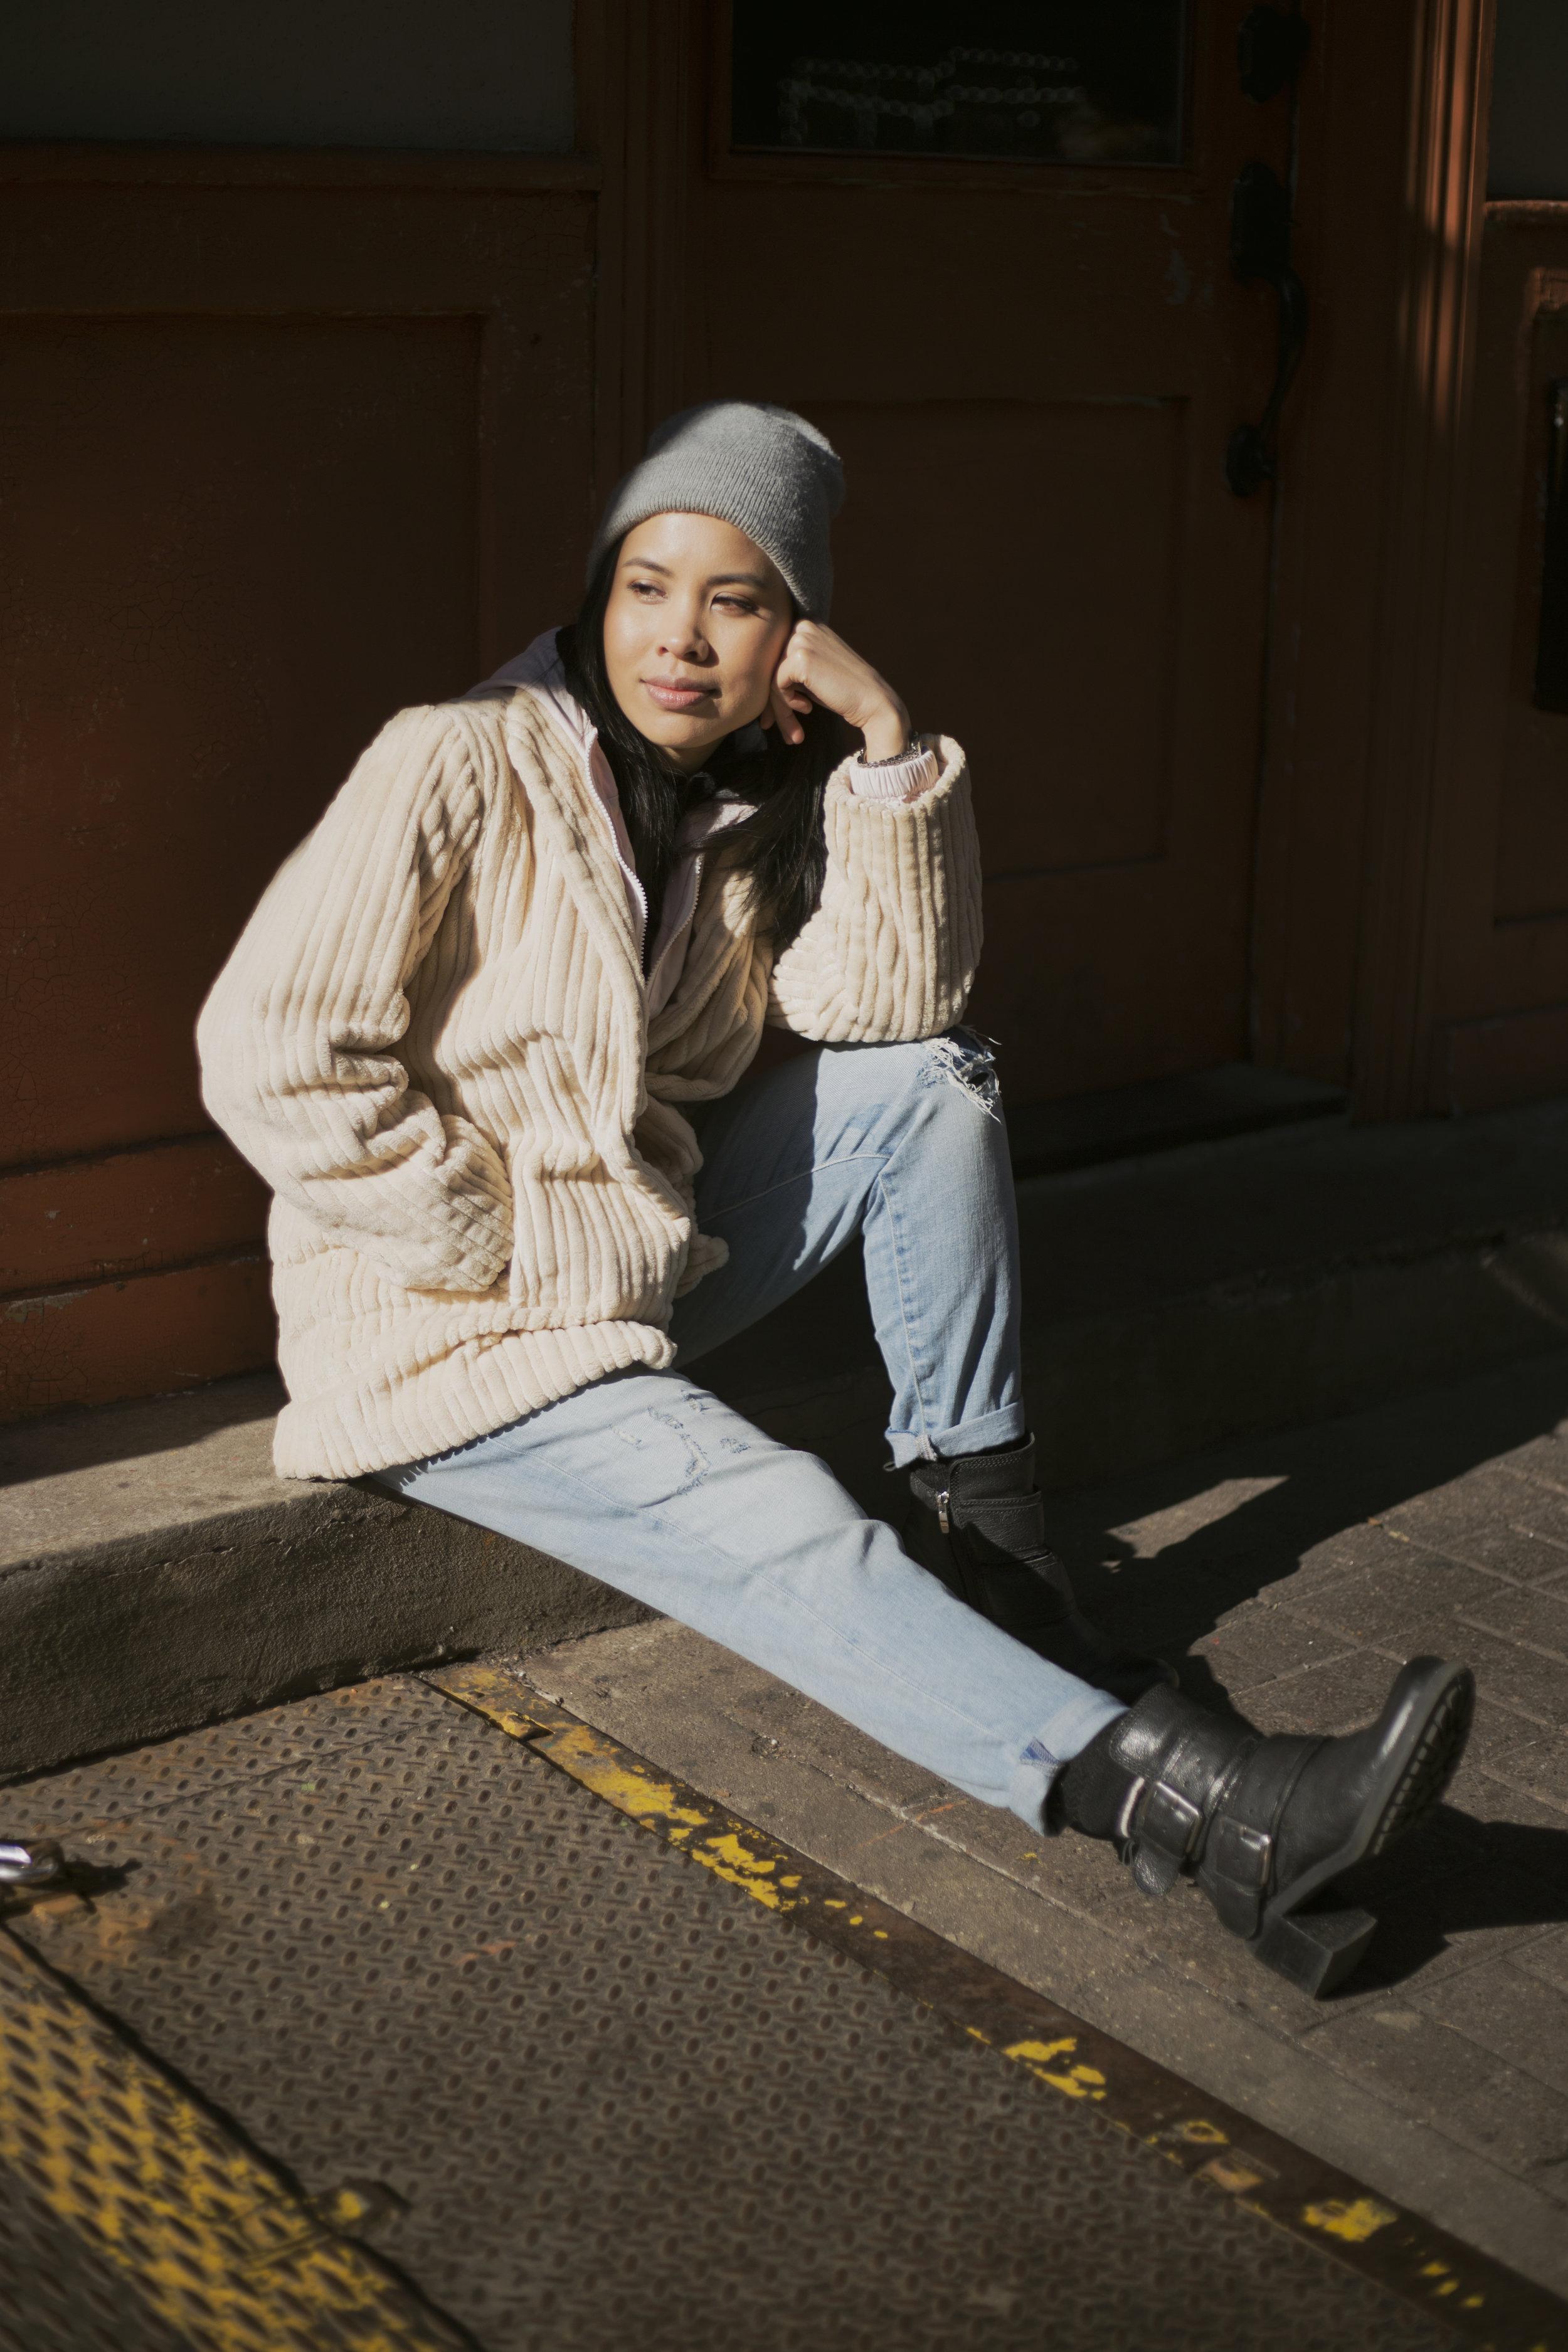 Photo: Kim de Souzy